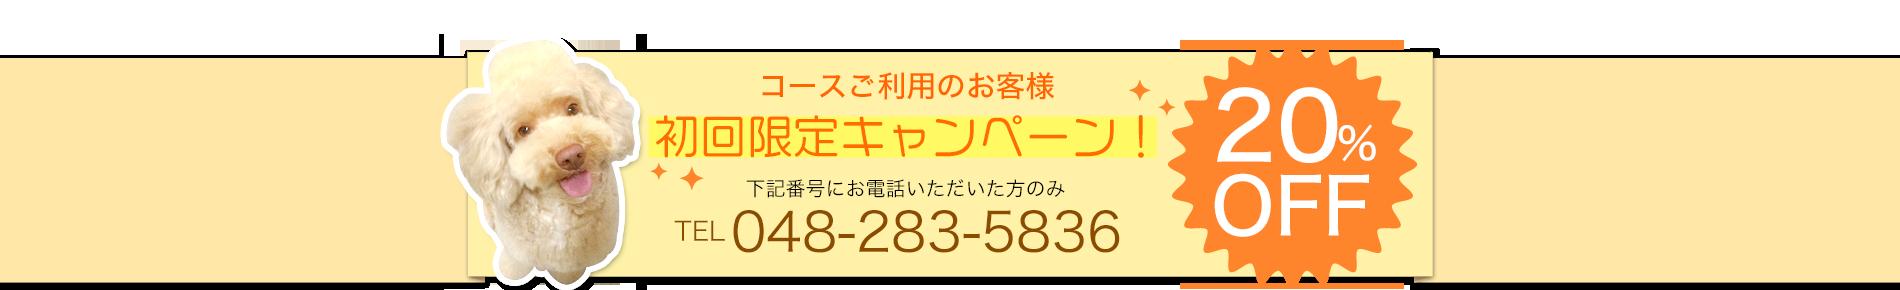 コースご利用のお客様 初回限定キャンペーン!下記番号にお電話いただいた方のみ20%OFF TEL 048-283-5836